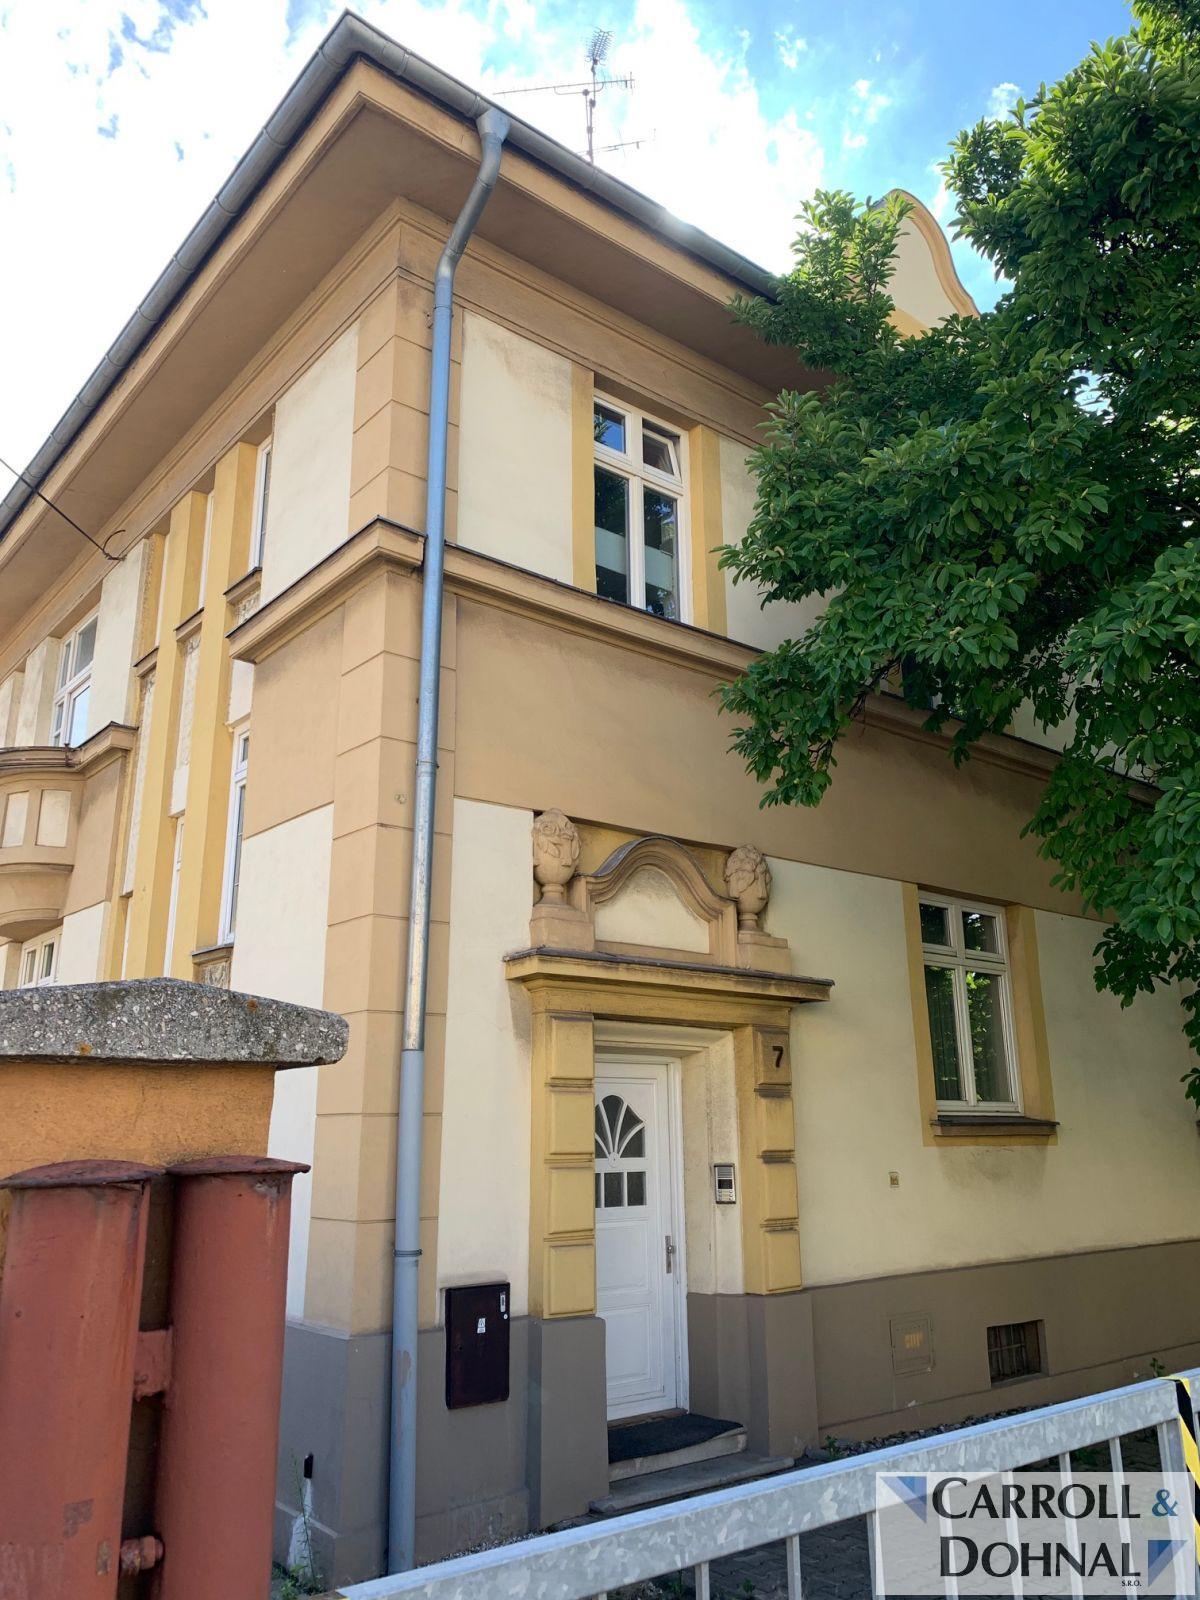 Pronájem vily s apartmány a kancelářemi, ulice Chocholouškova, Ostrava